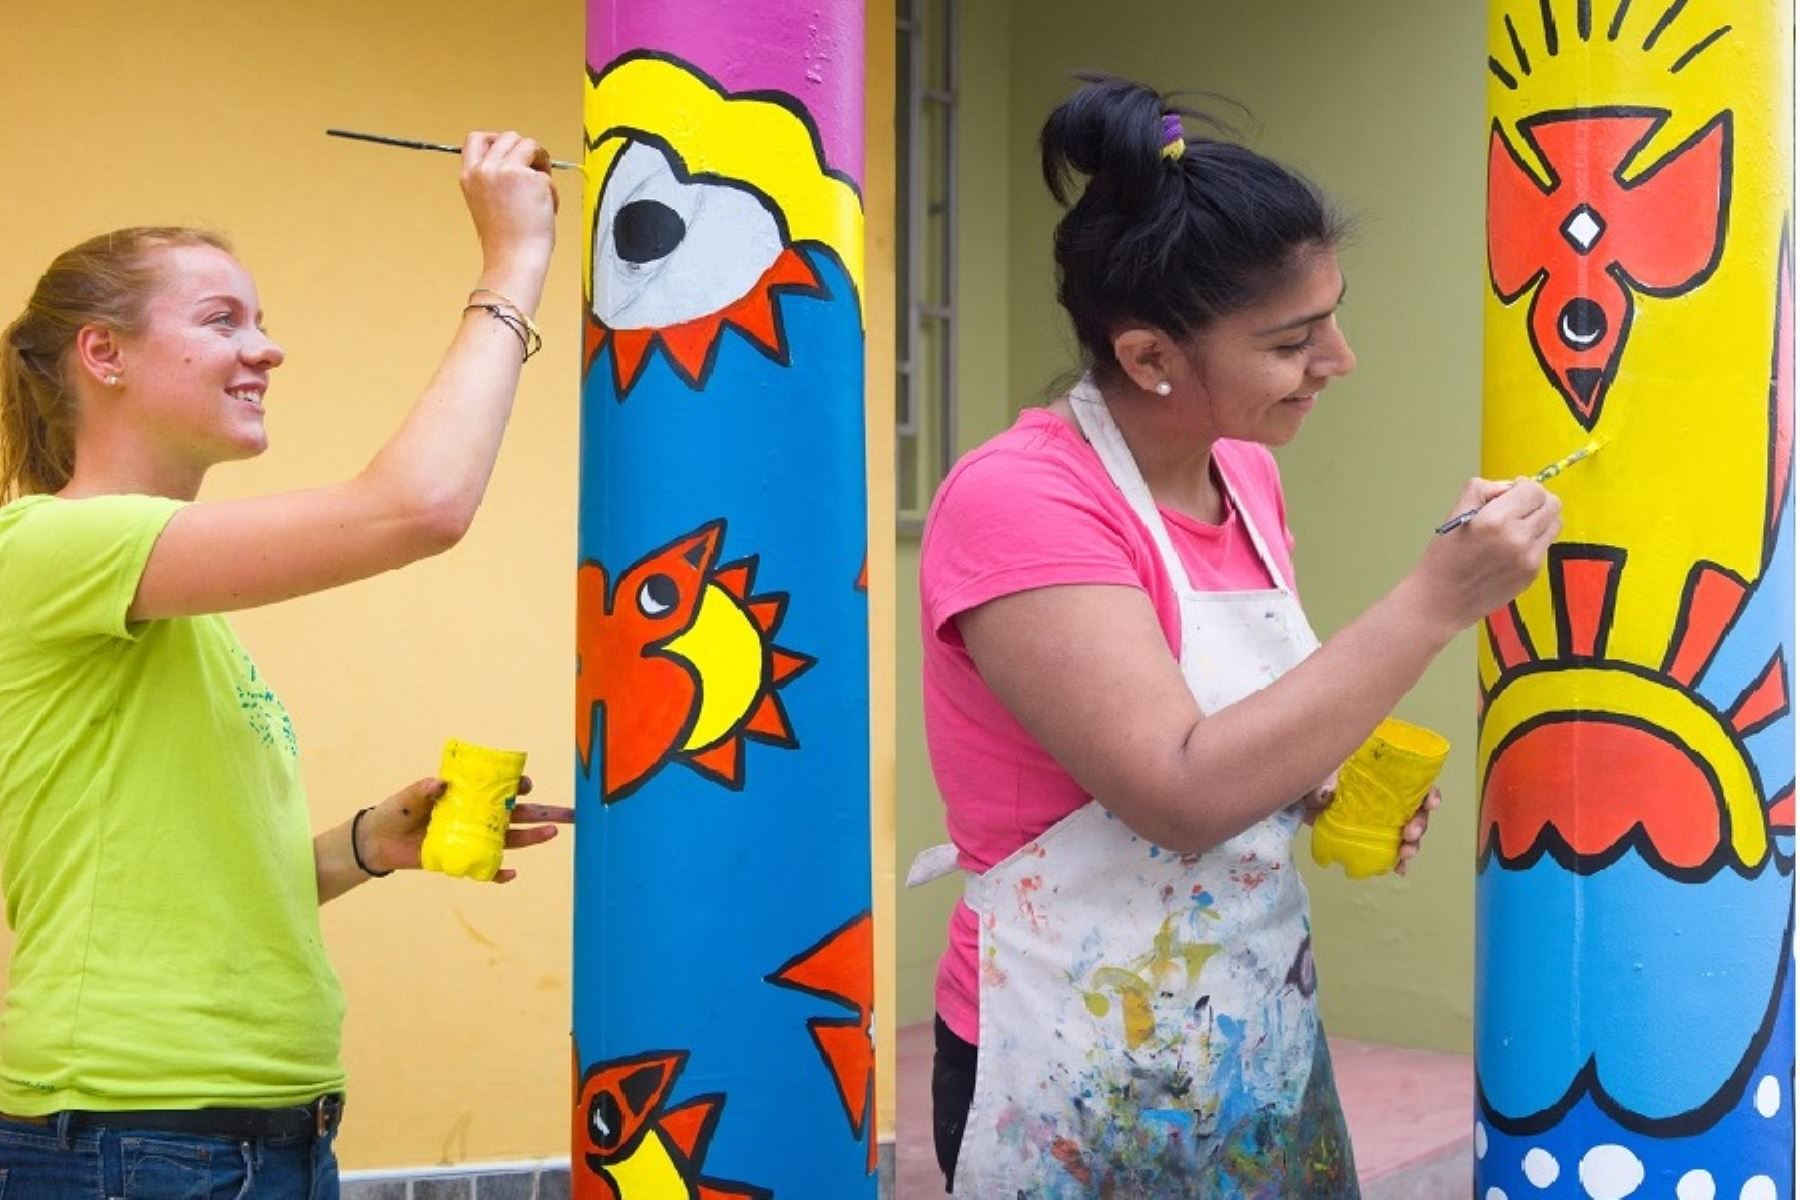 Pintan murales con iconografía de cultura Lambayeque en Túcume. ANDINA